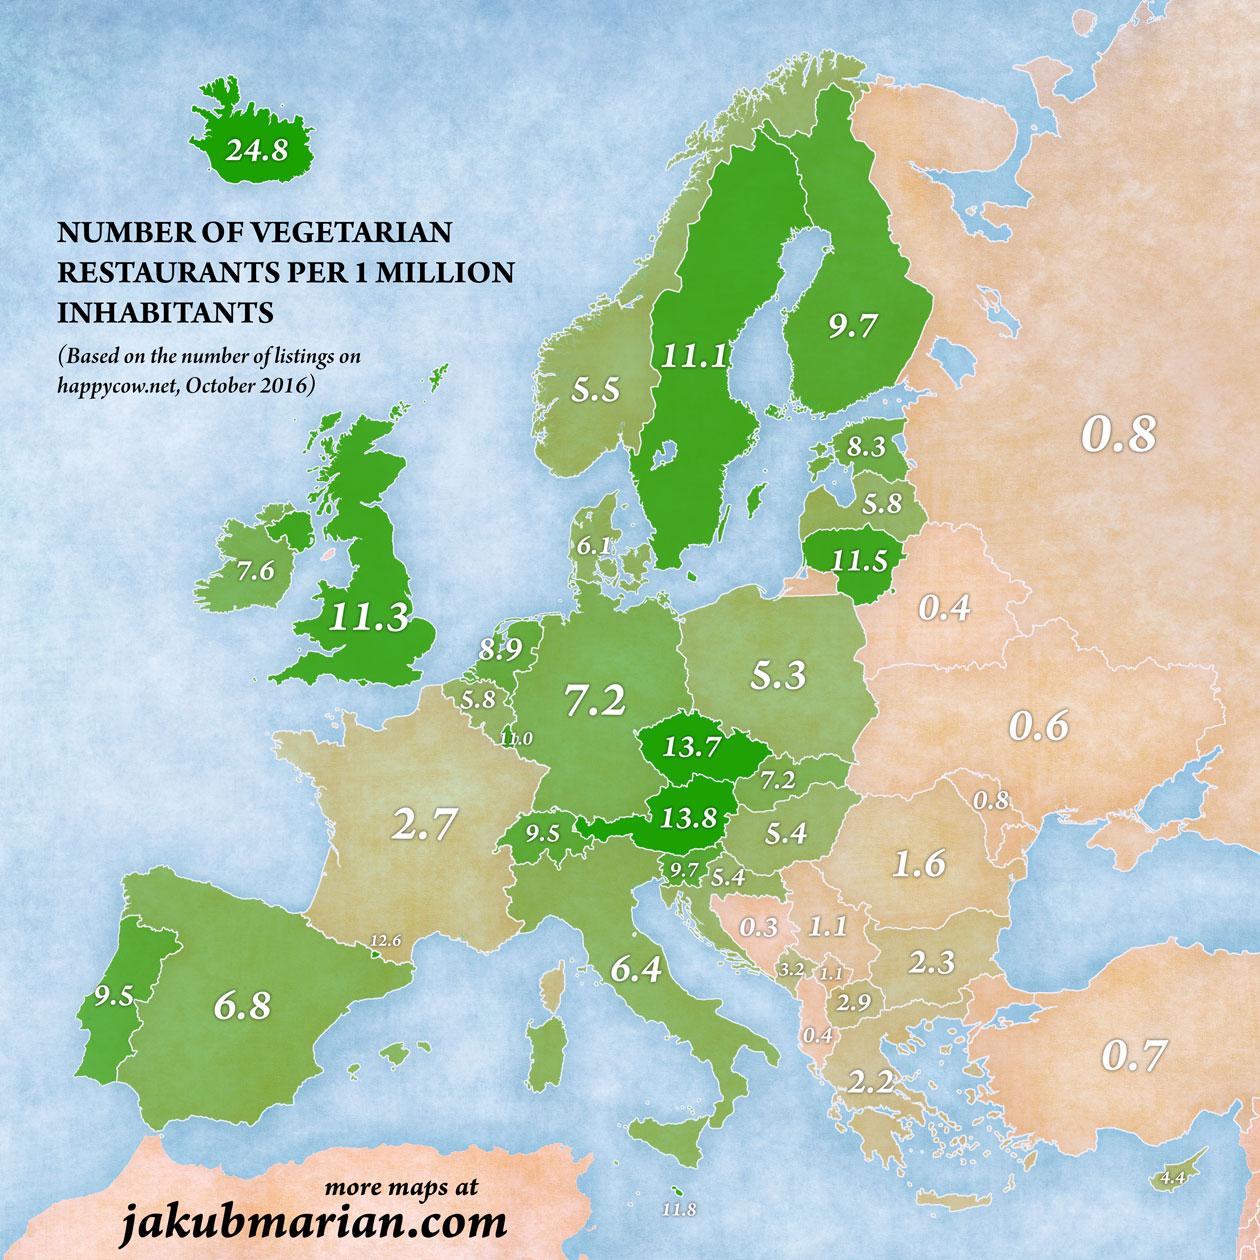 Ristoranti vegetariani, mappa dell'Europa